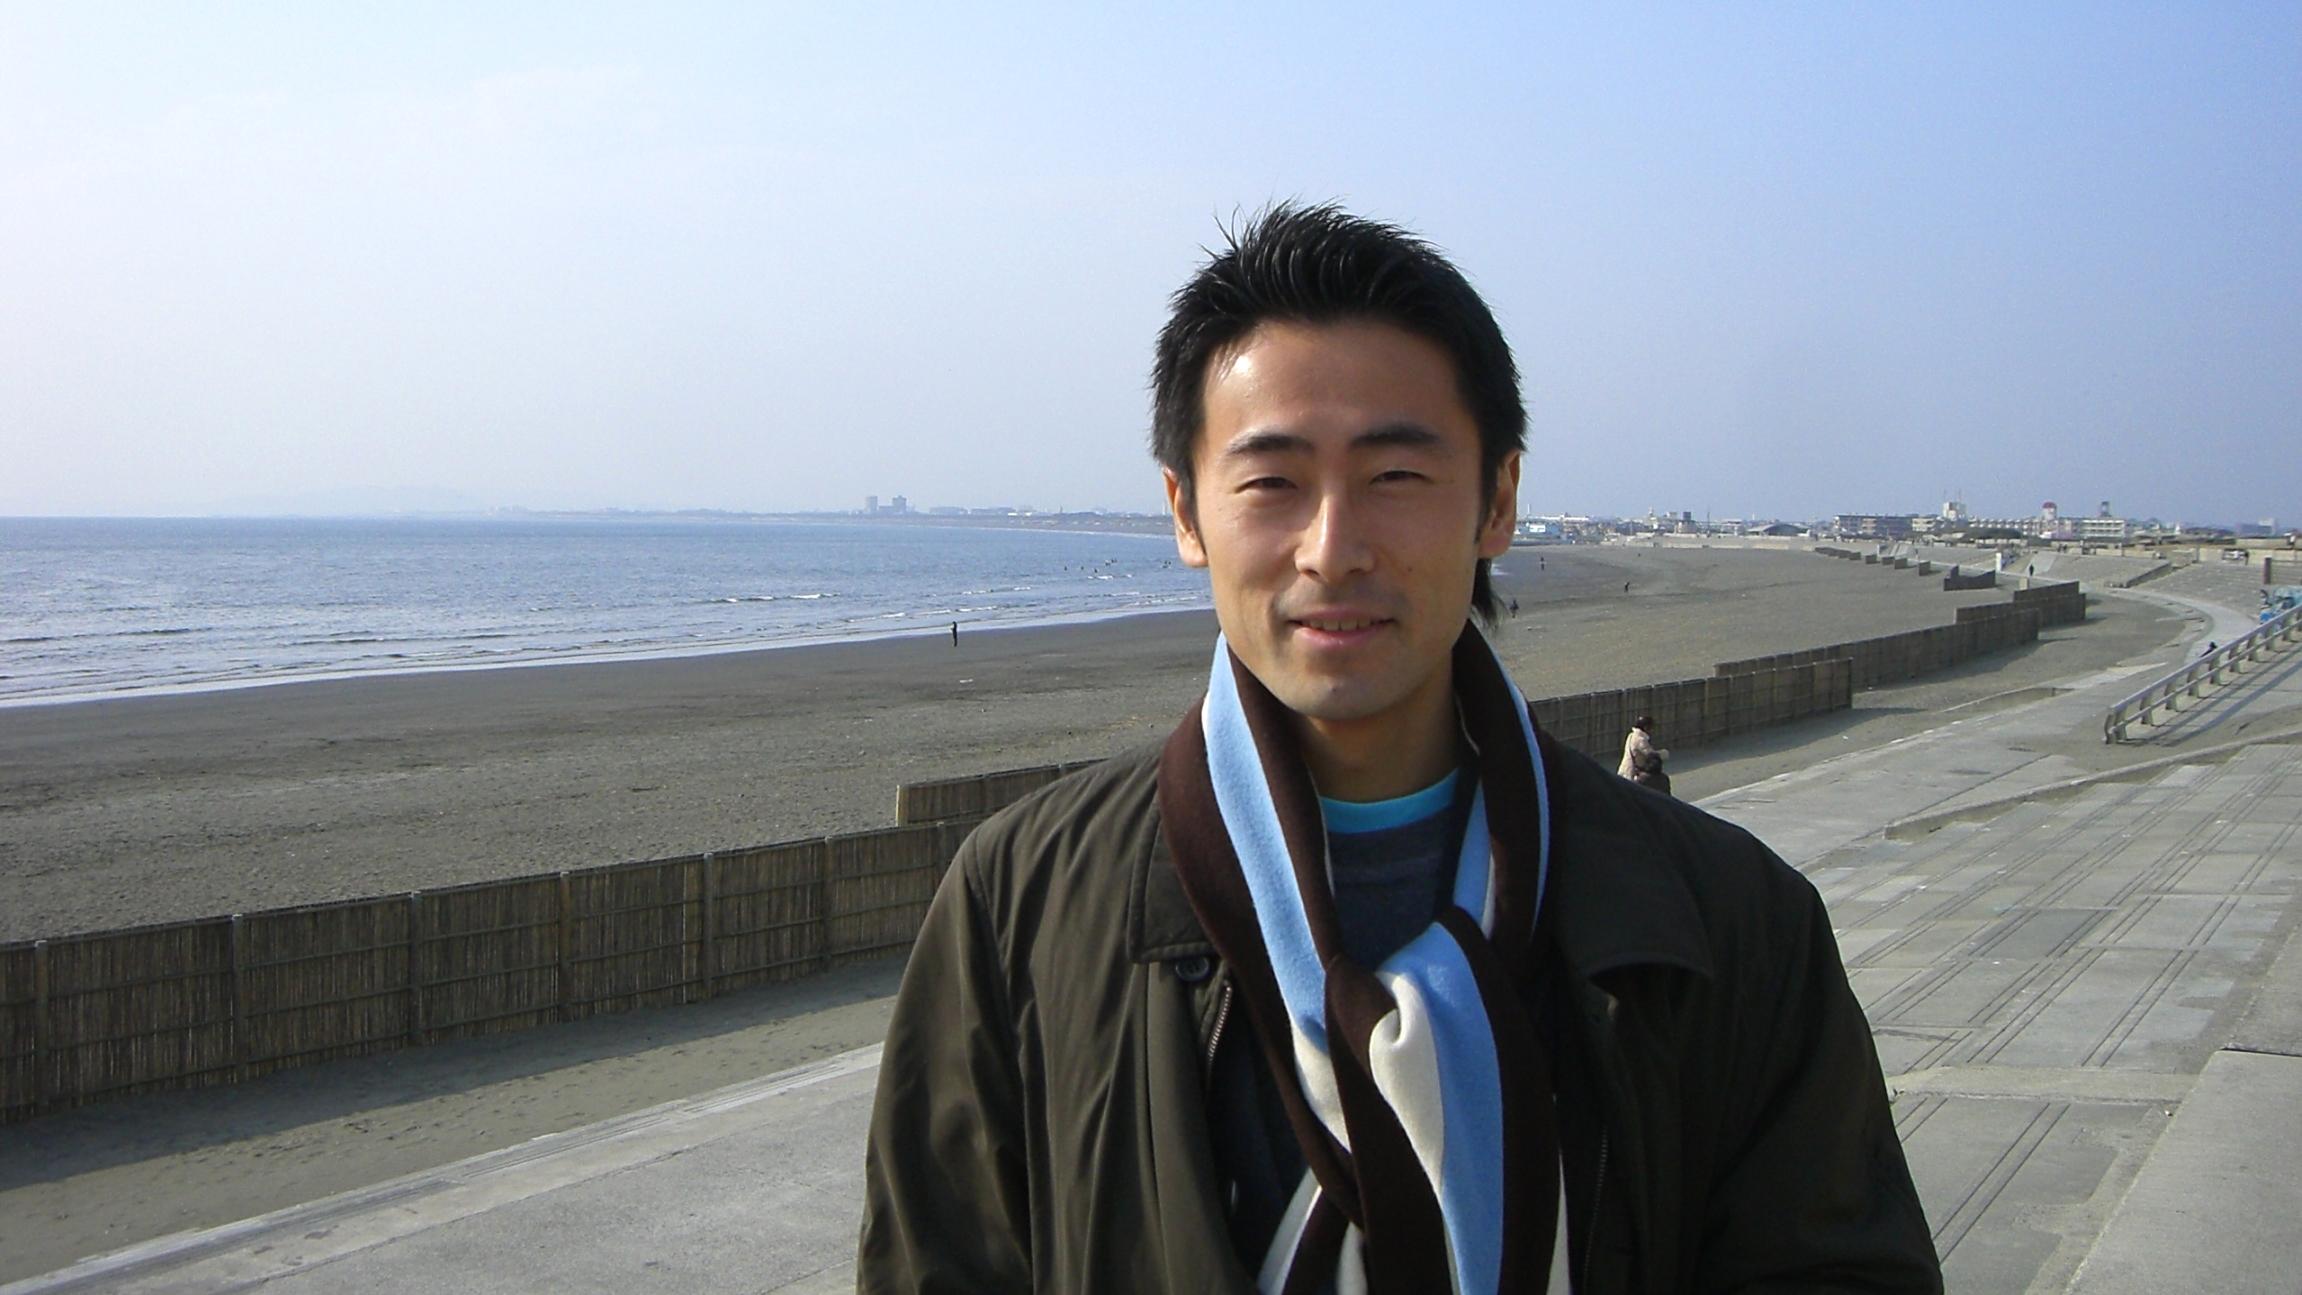 ソースワークショップ活用編10期2日目を江ノ島にて開催!